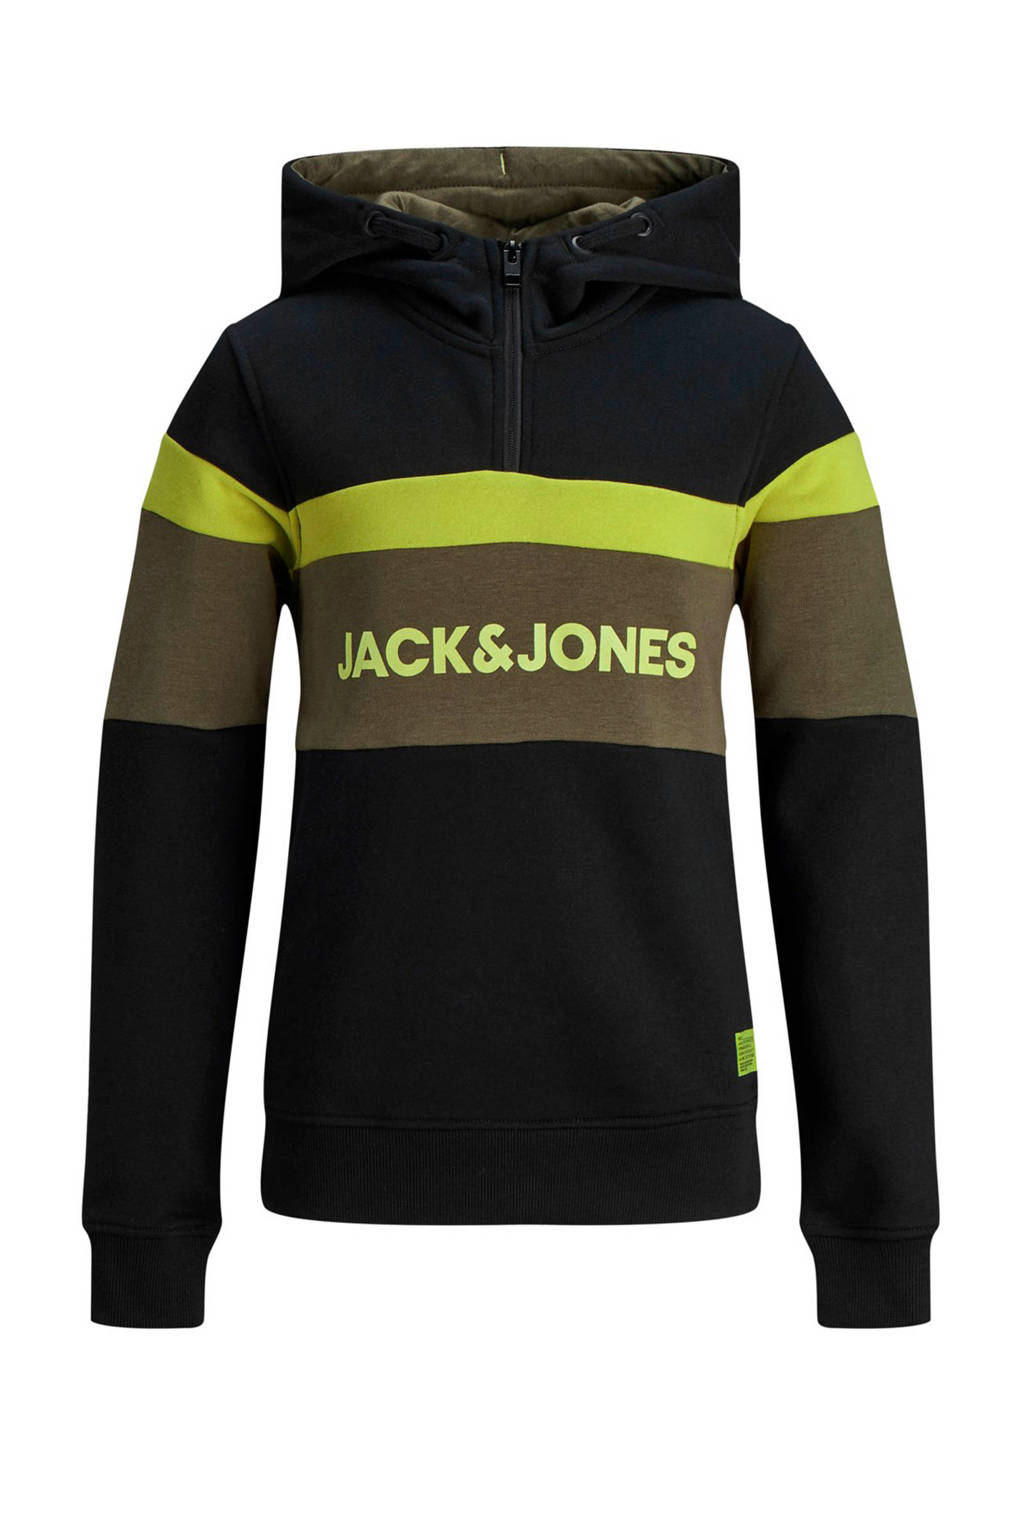 JACK & JONES JUNIOR hoodie met printopdruk zwart/groen, Zwart/groen